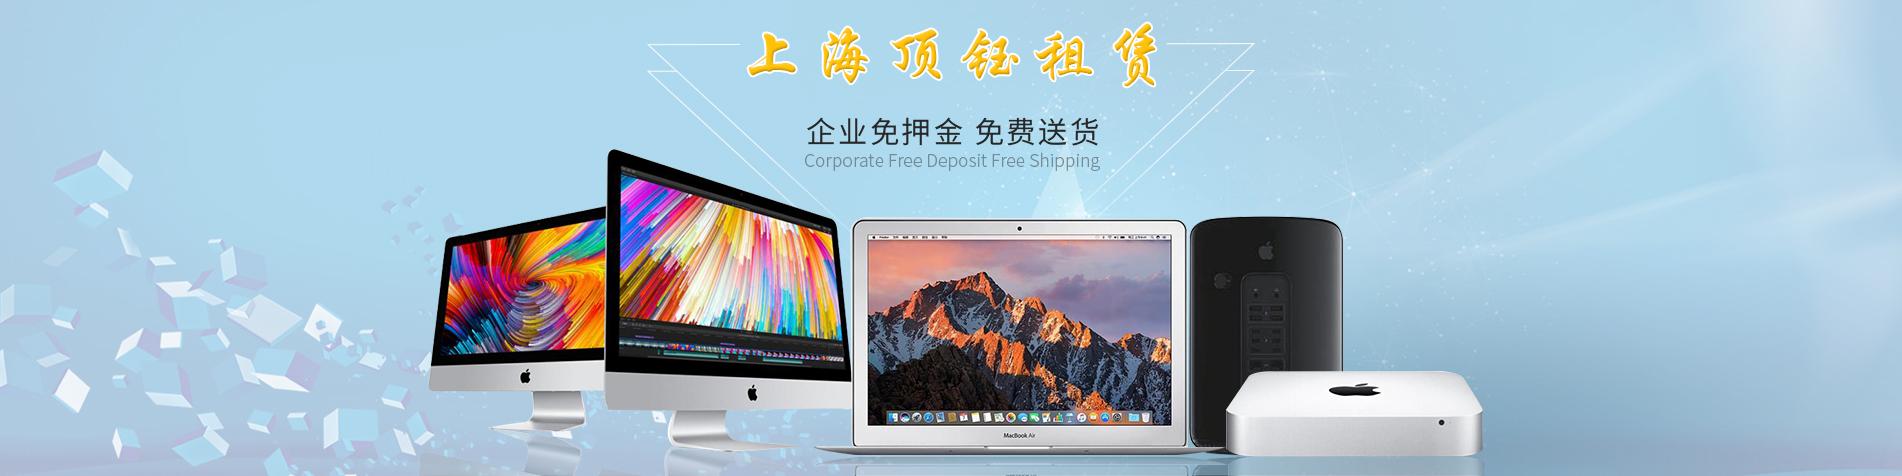 上海顶钰信息科技有限公司